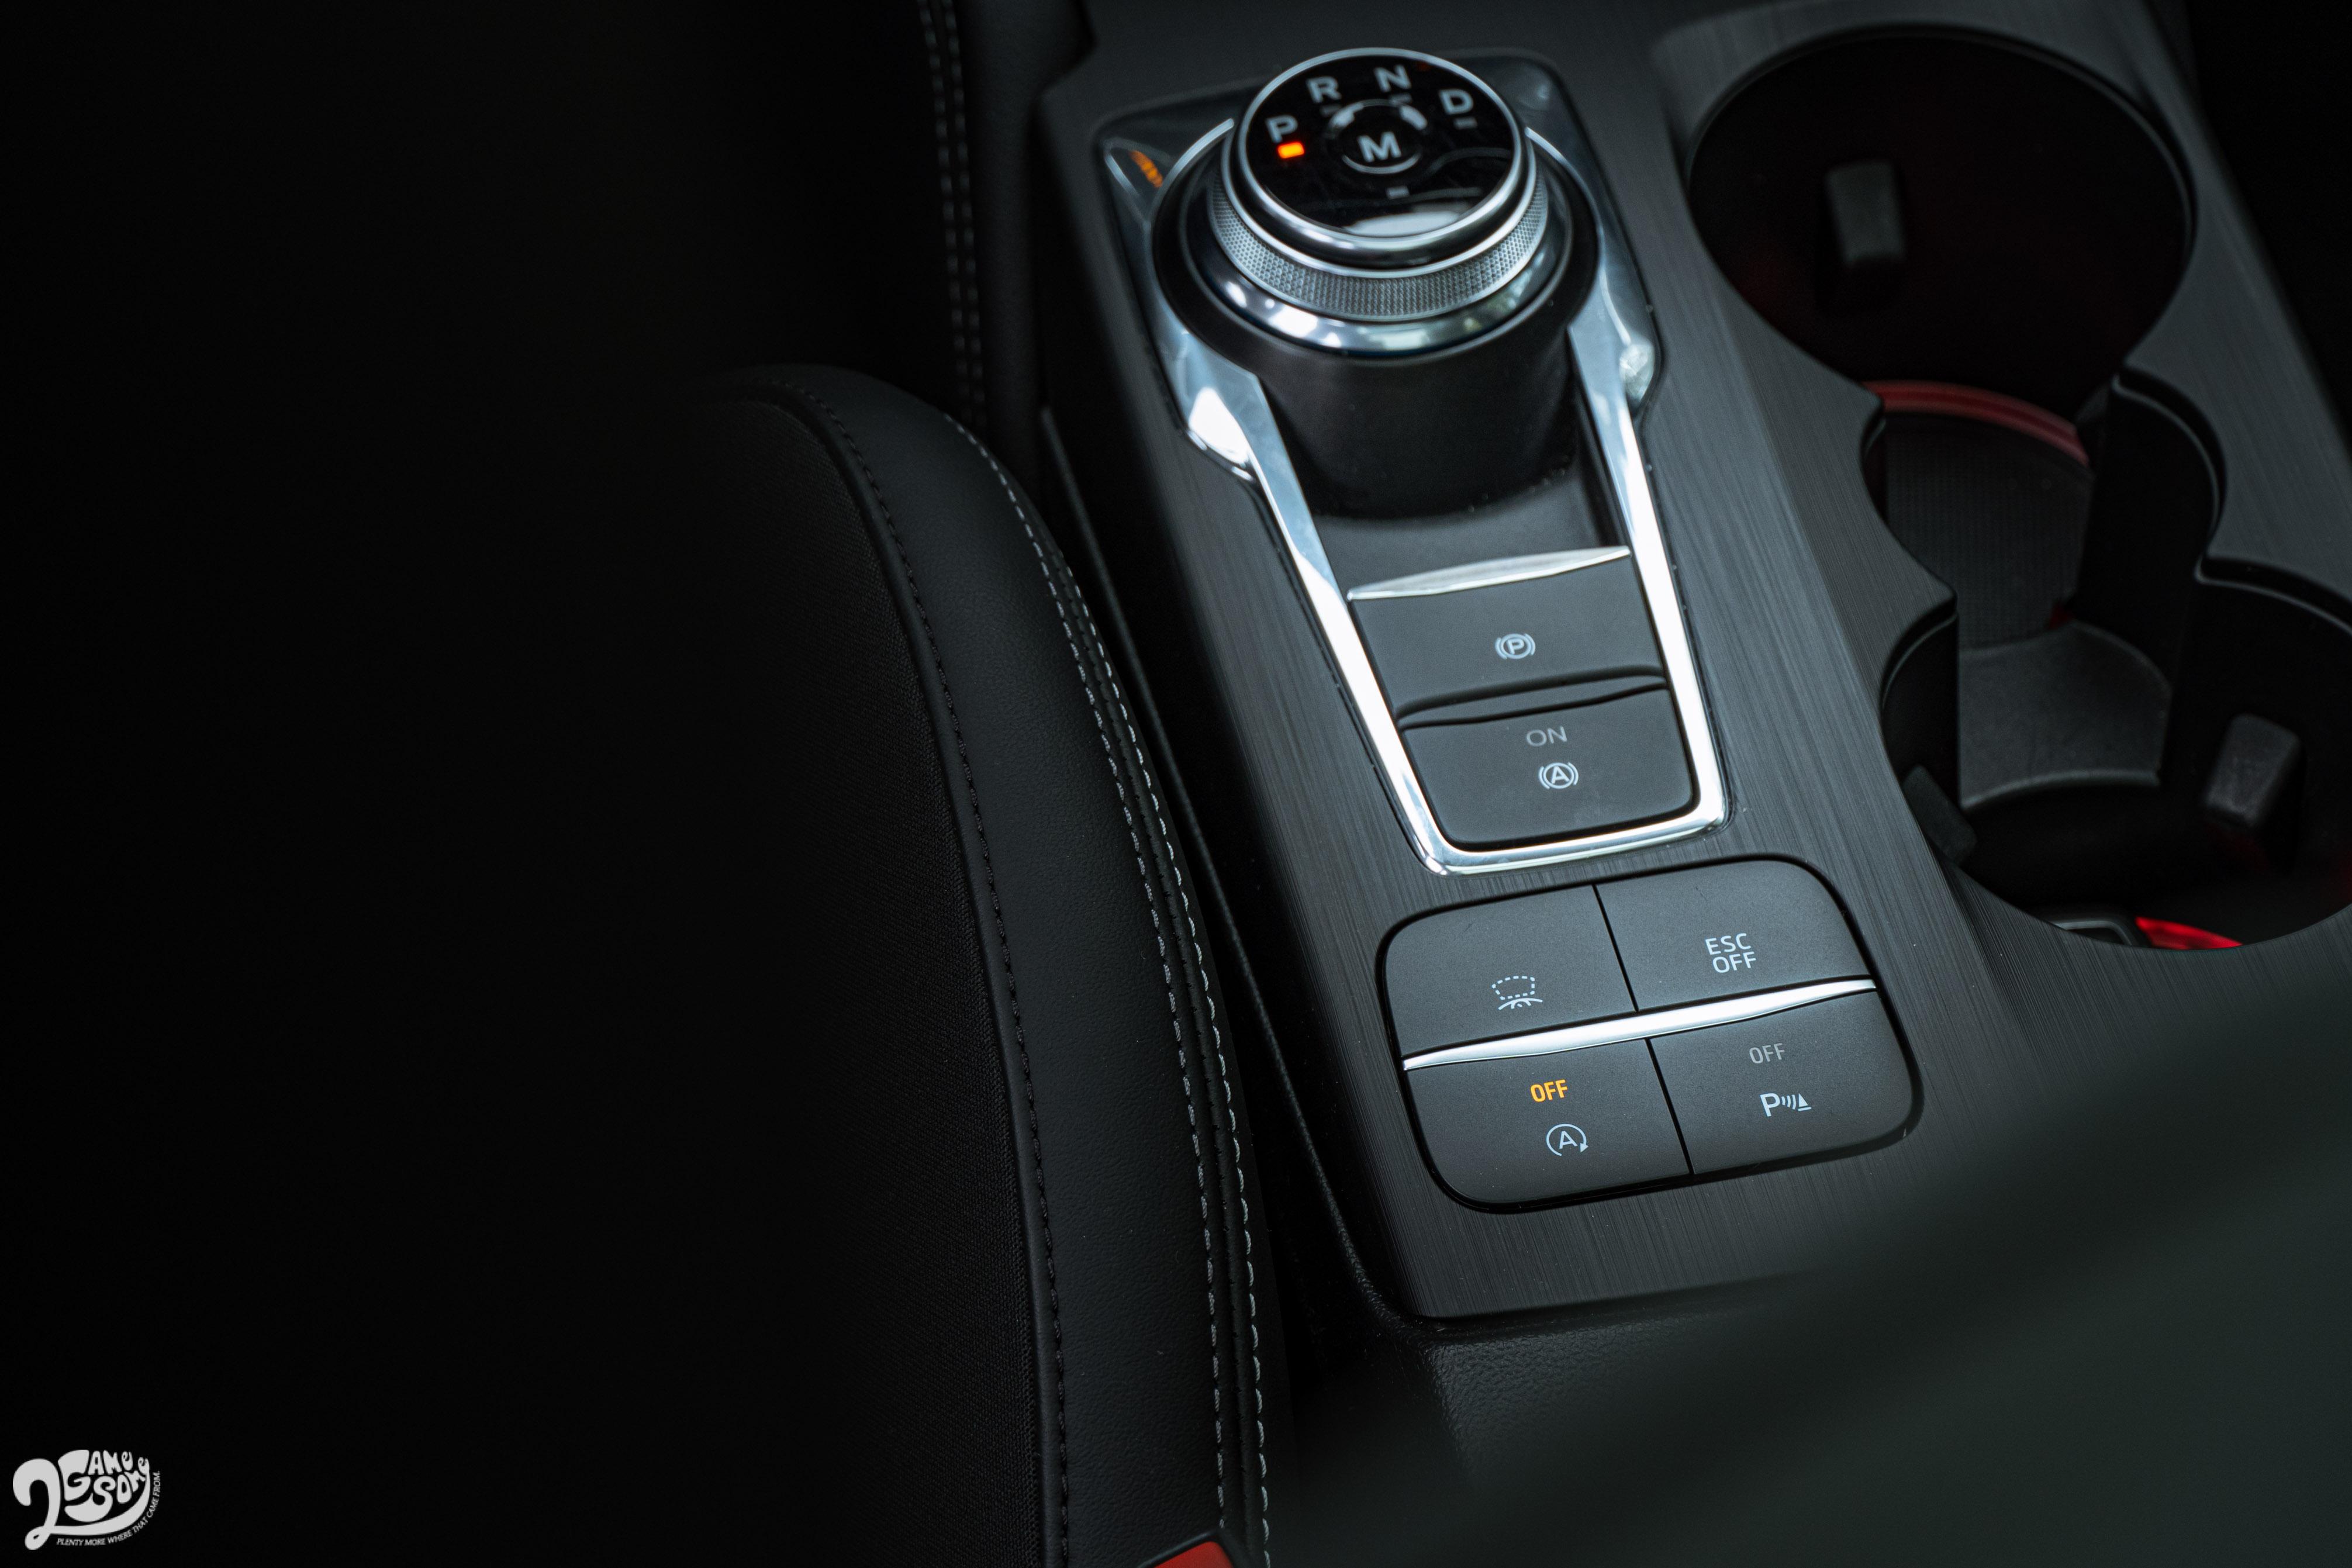 延續本世代 Focus 的 E-Shifter 電子式旋鈕排檔系統。